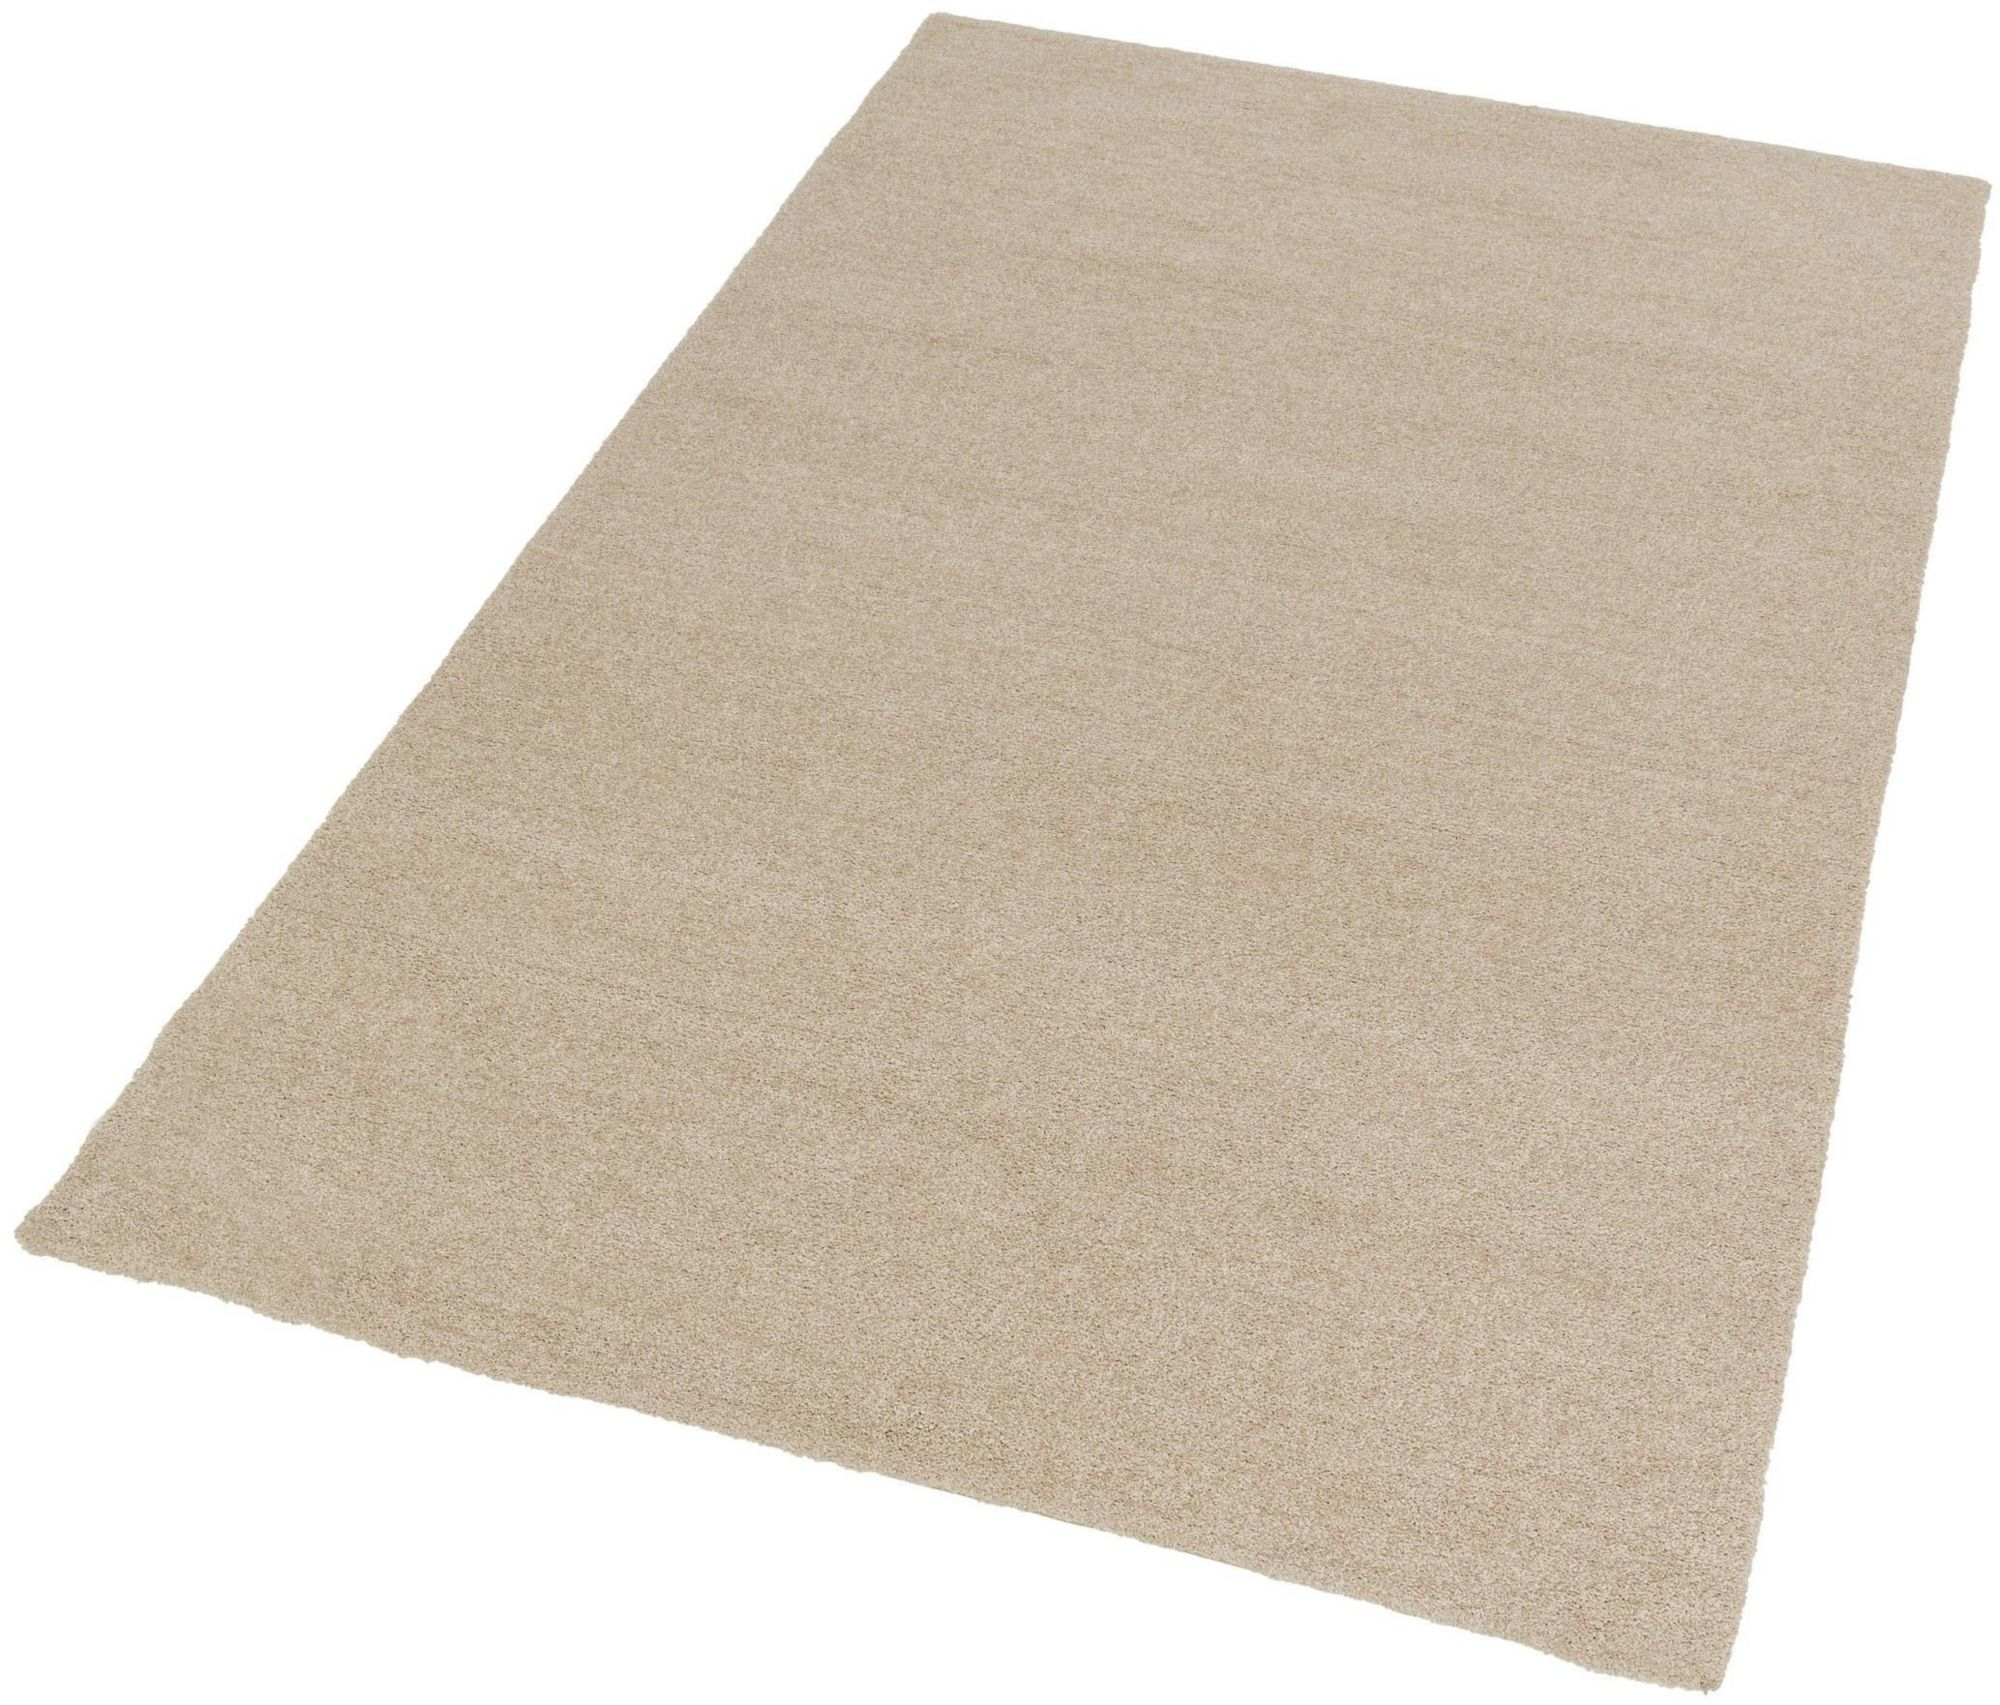 ASTRA Hochflor-Teppich, Astra, »Livorno Melange«, Höhe 27 mm, getuftet, Wunschmaß